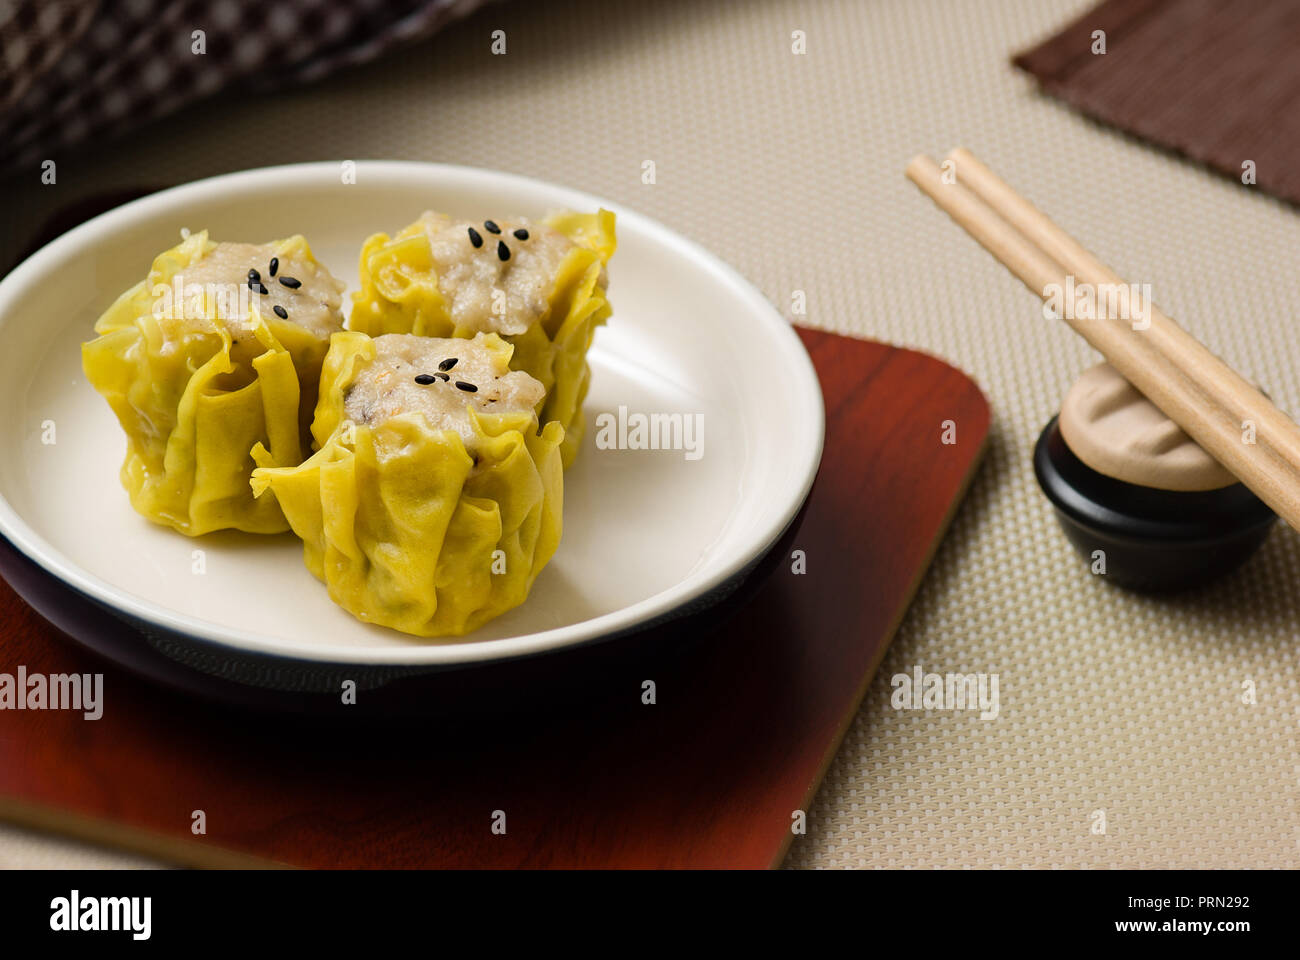 Food Dim Sum Stock Photo